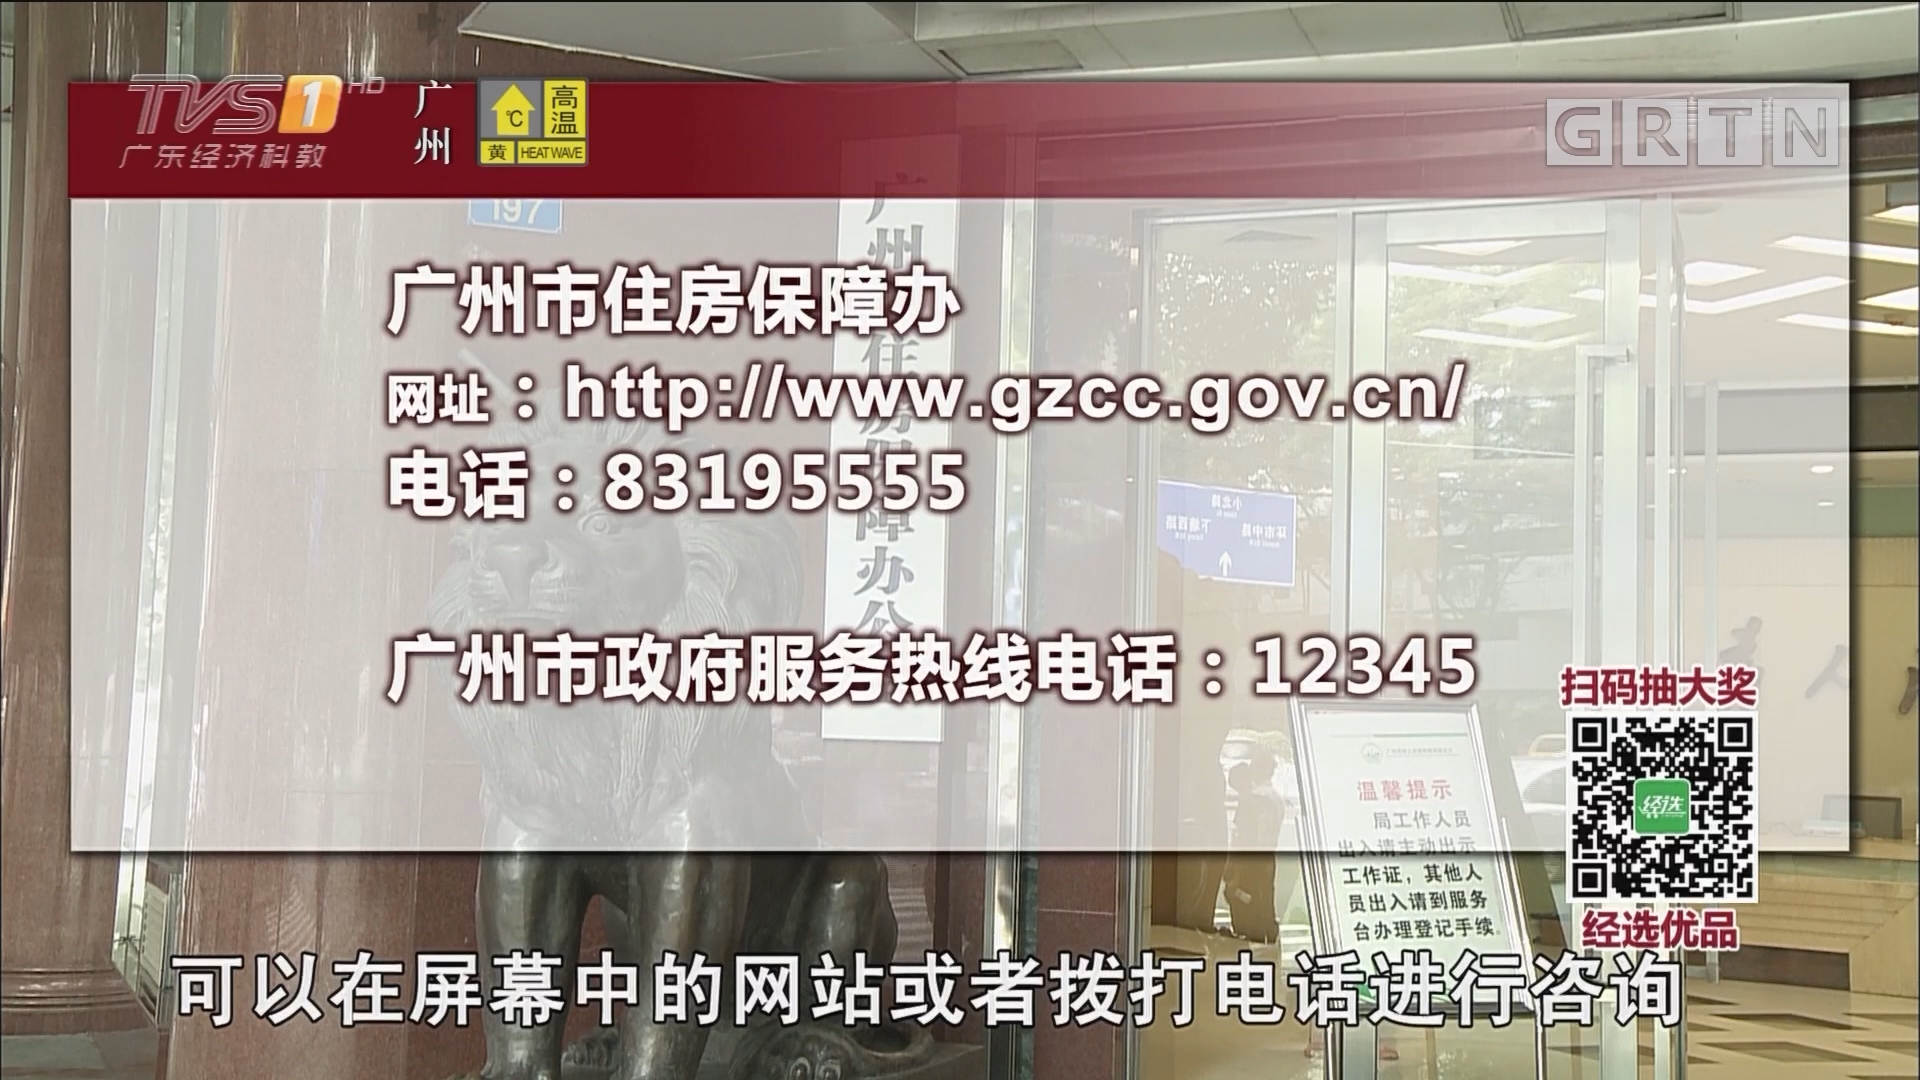 广州:新推4720套公租房 如何申请看这里!